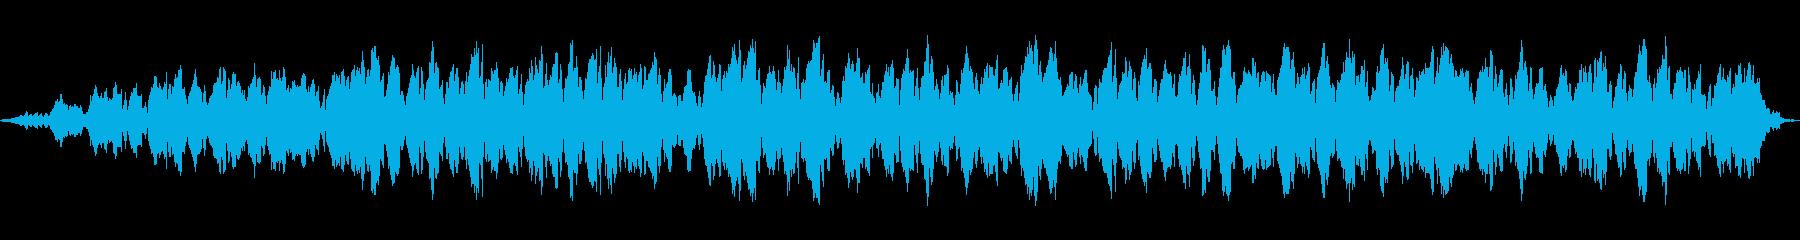 流体の動きの再生済みの波形